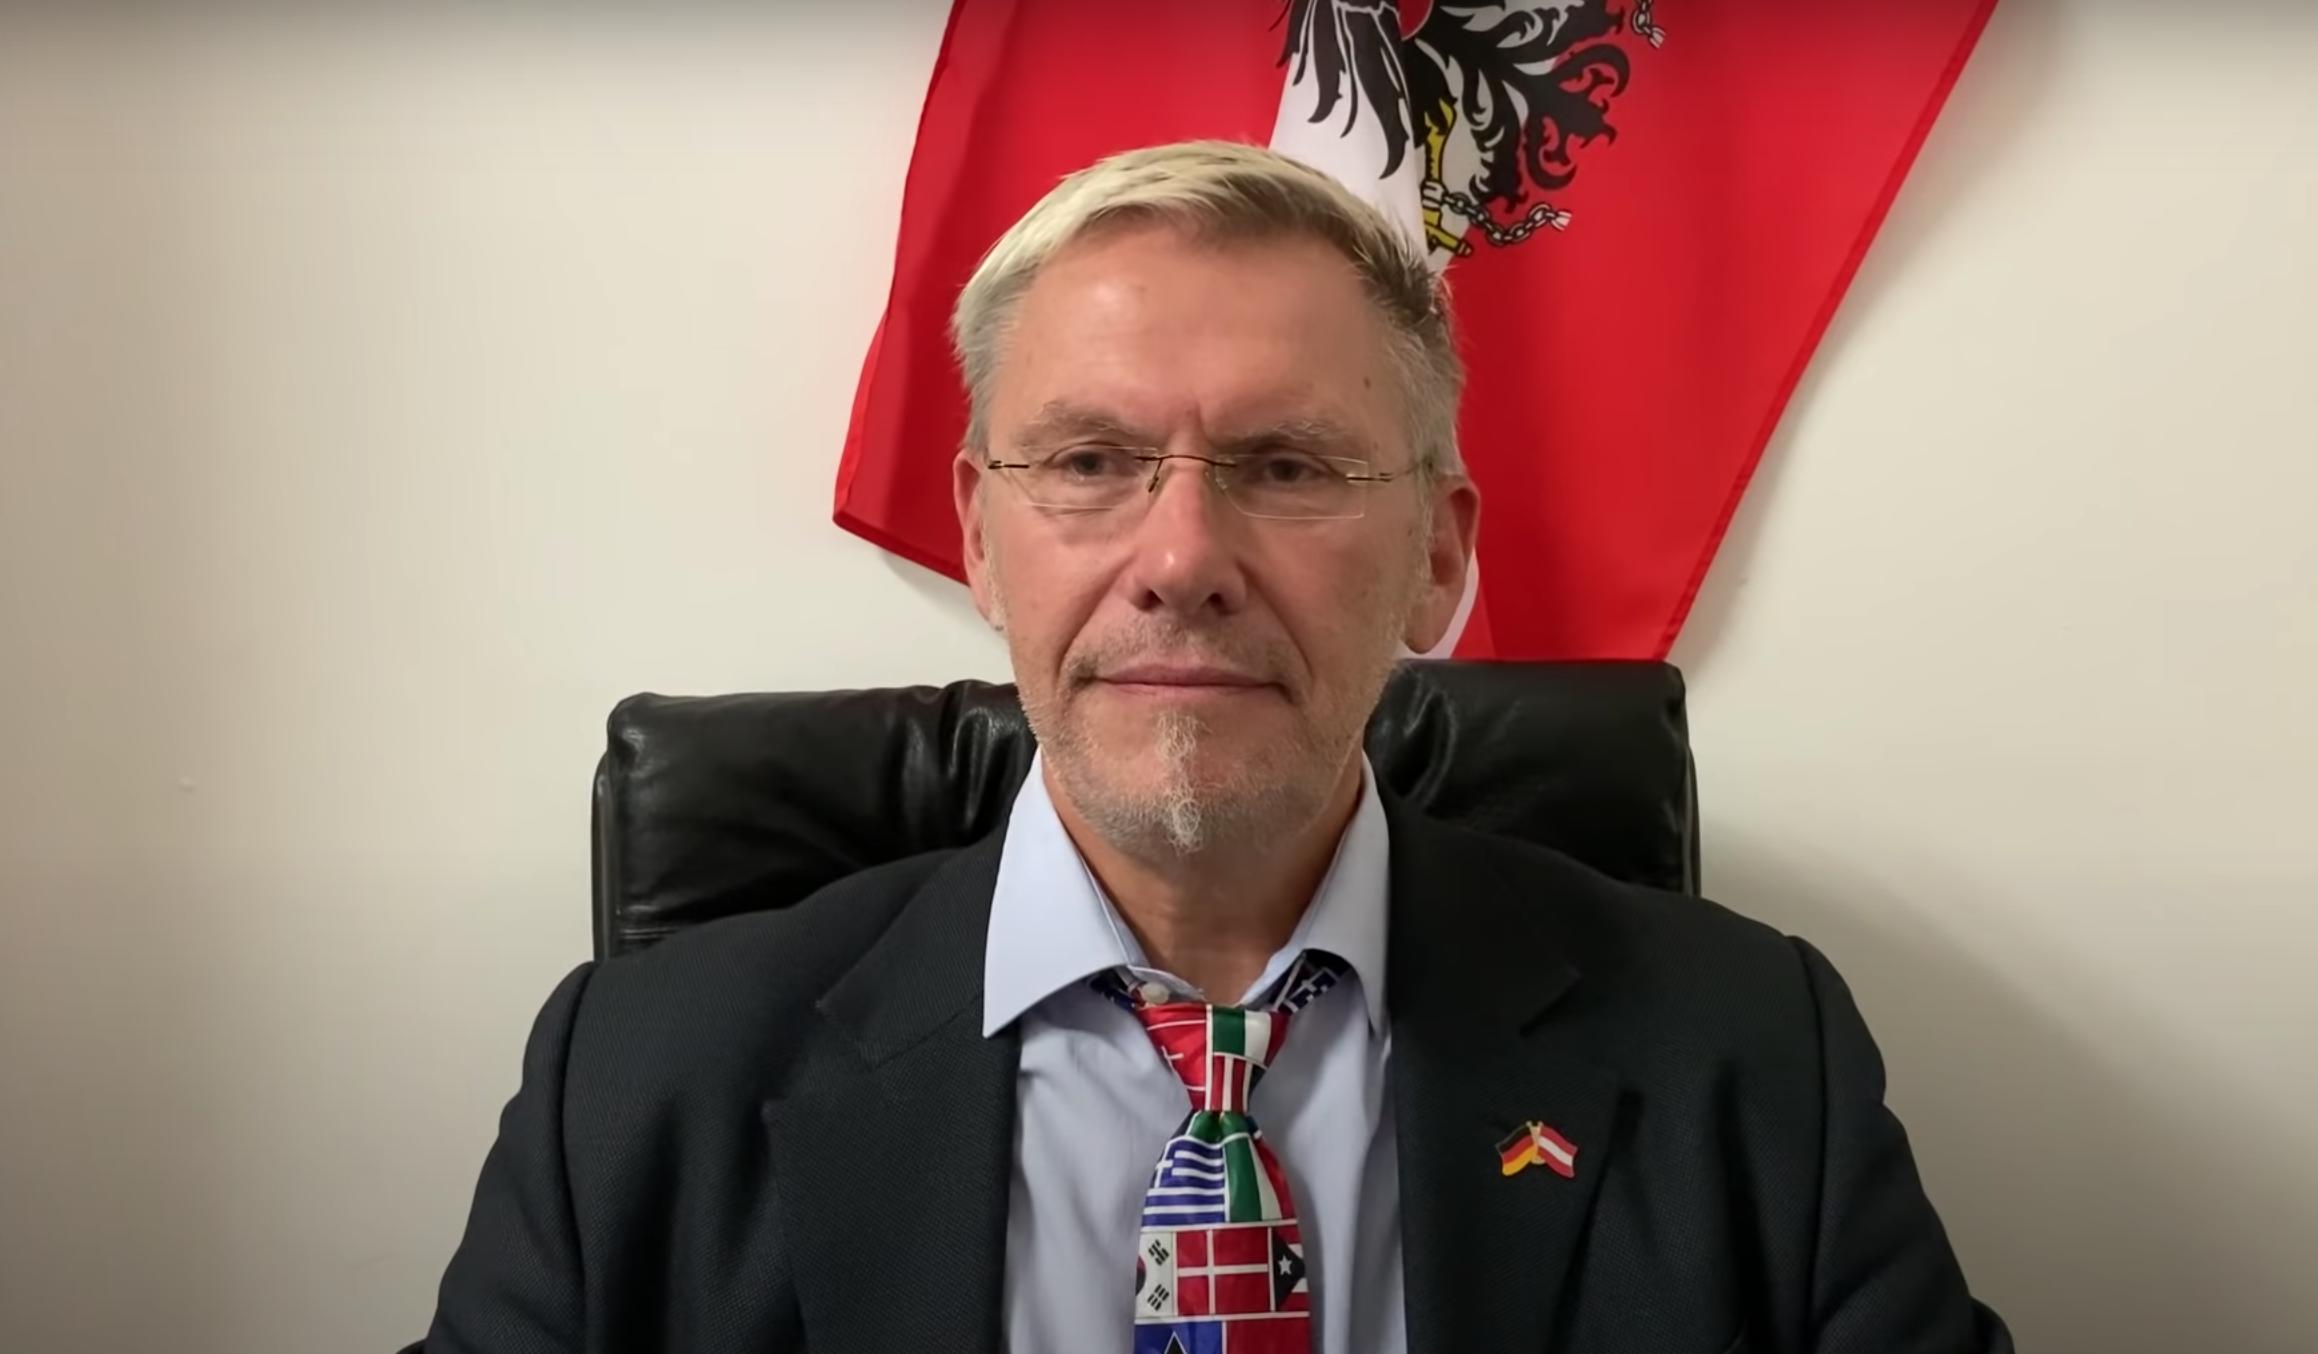 """Mediziner Haditsch zur Alltagsmaske: """"Wabernder Fetzen schützt nicht"""""""